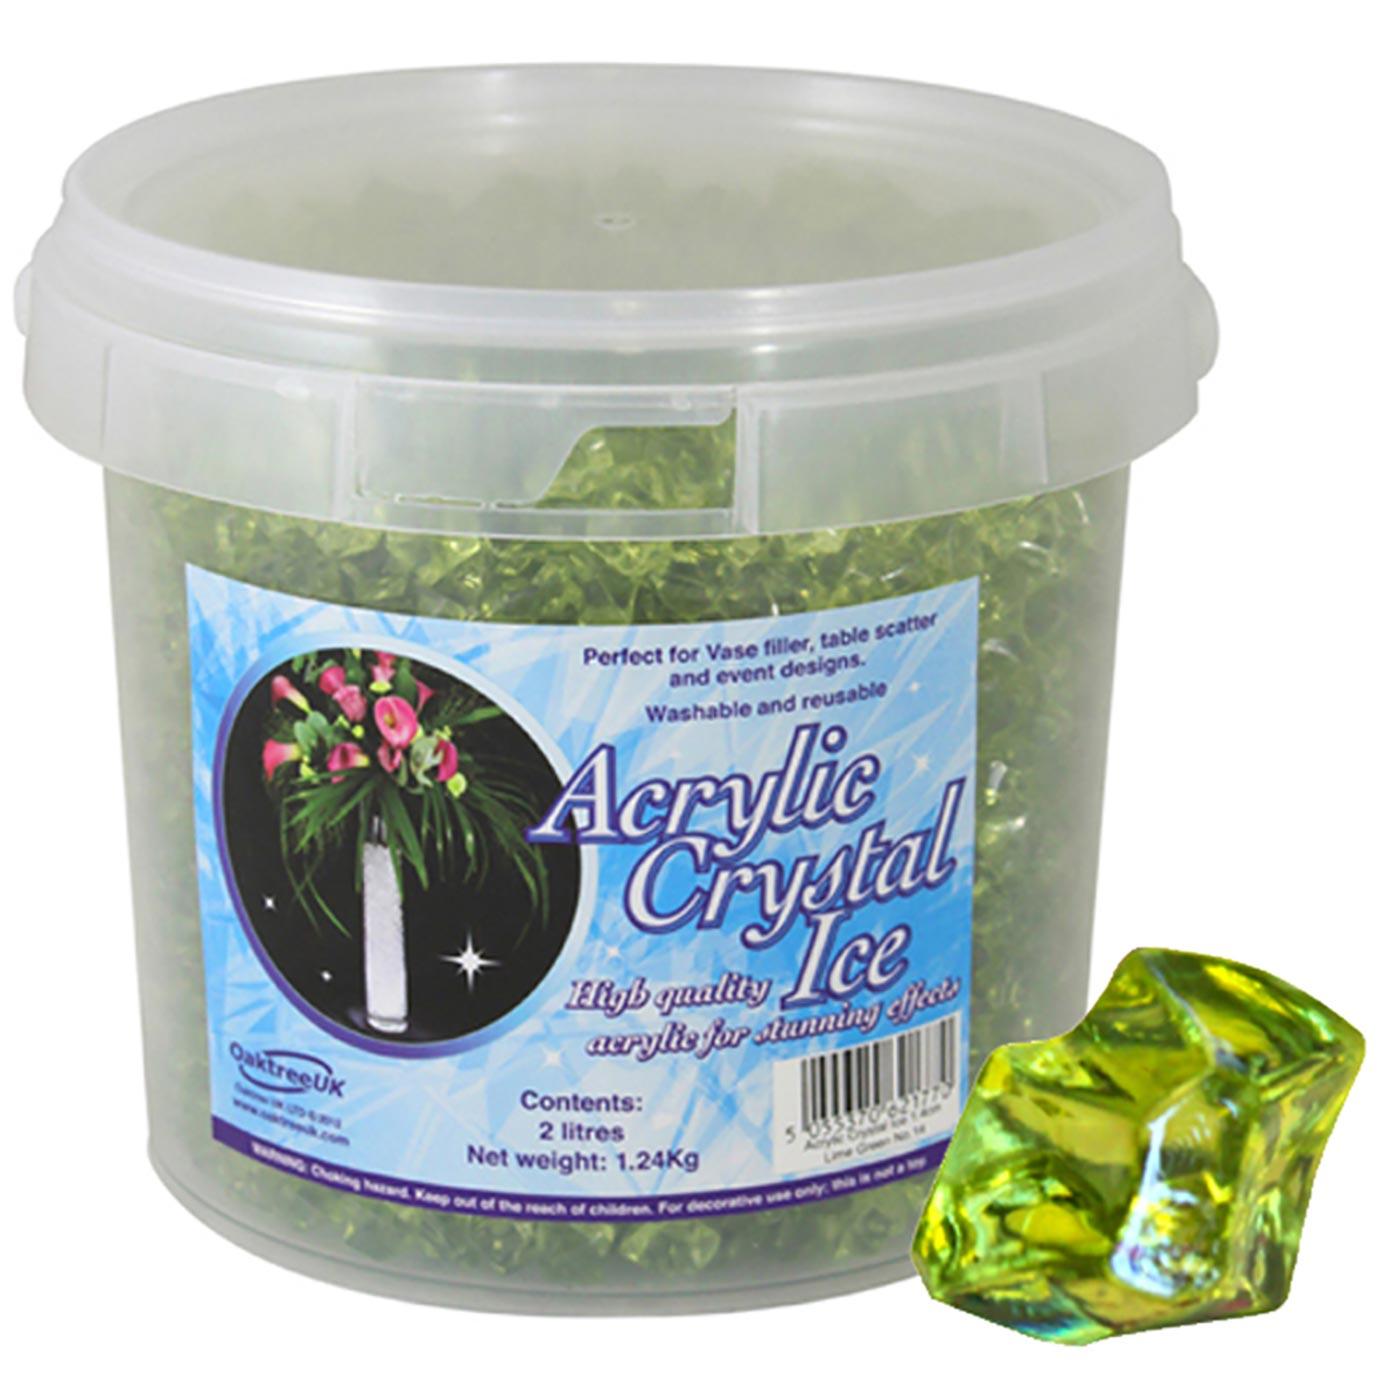 Acrylic Crystal Ice 1.4cm 2ltr 1.24Kg Lime Green